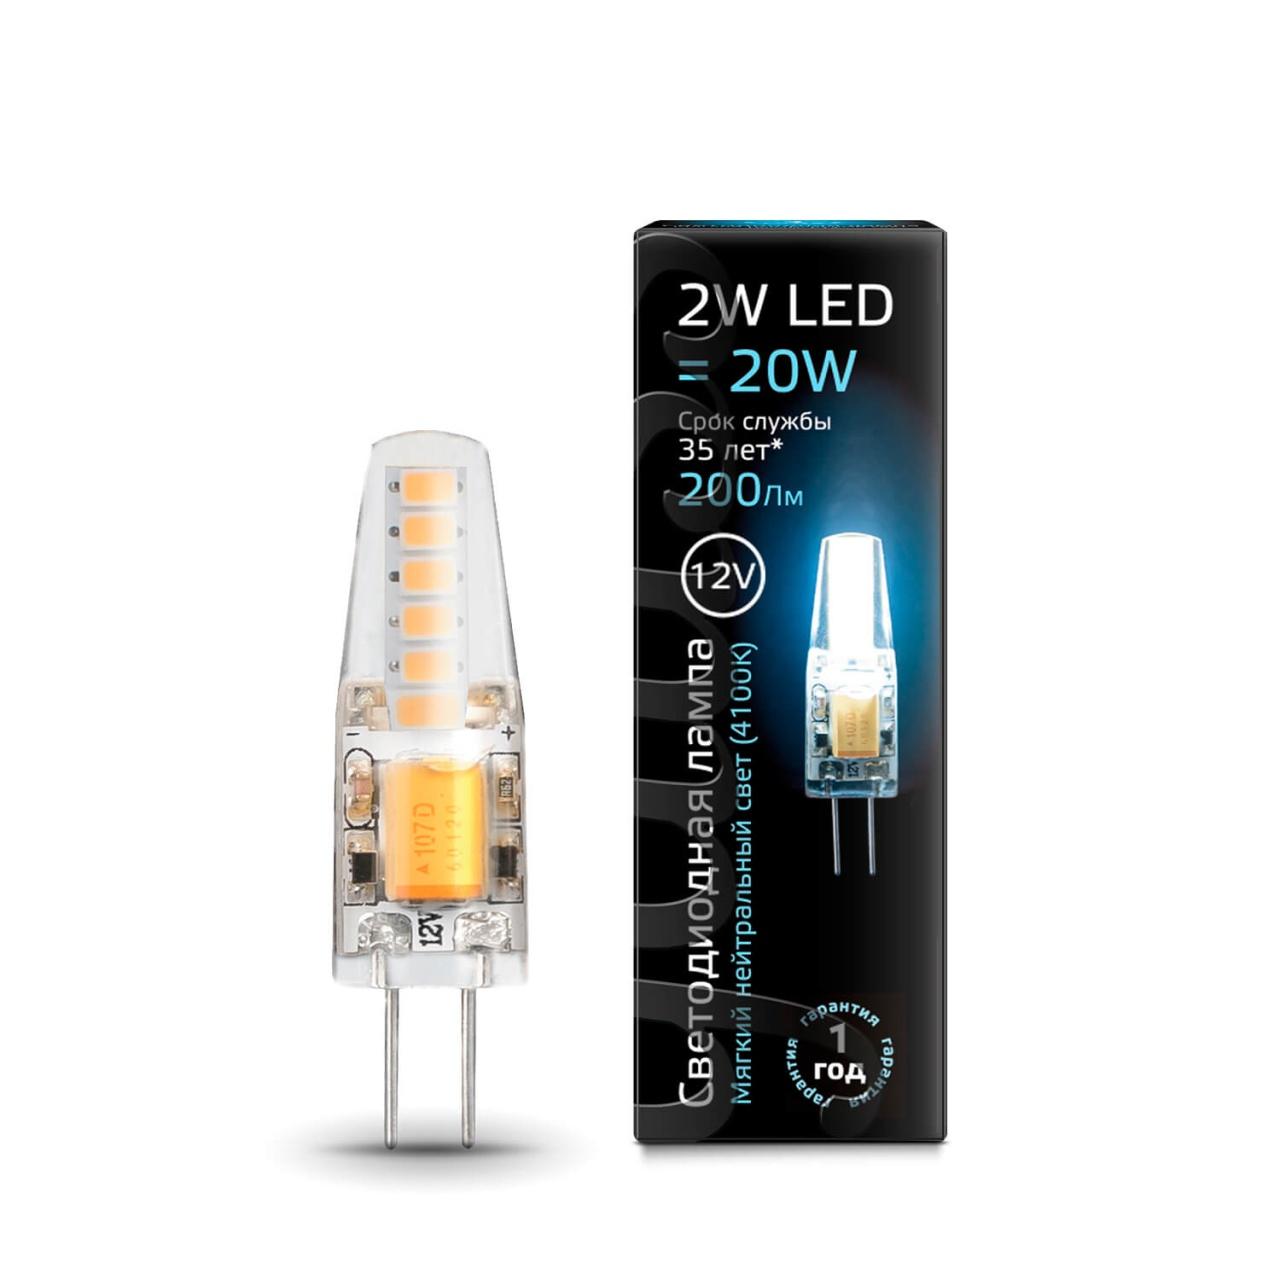 Лампа светодиодная Gauss G4 2W 4100K прозрачная 207707202 gauss лампа светодиодная gauss капсула прозрачная g4 3w 12v 4100k 207707203